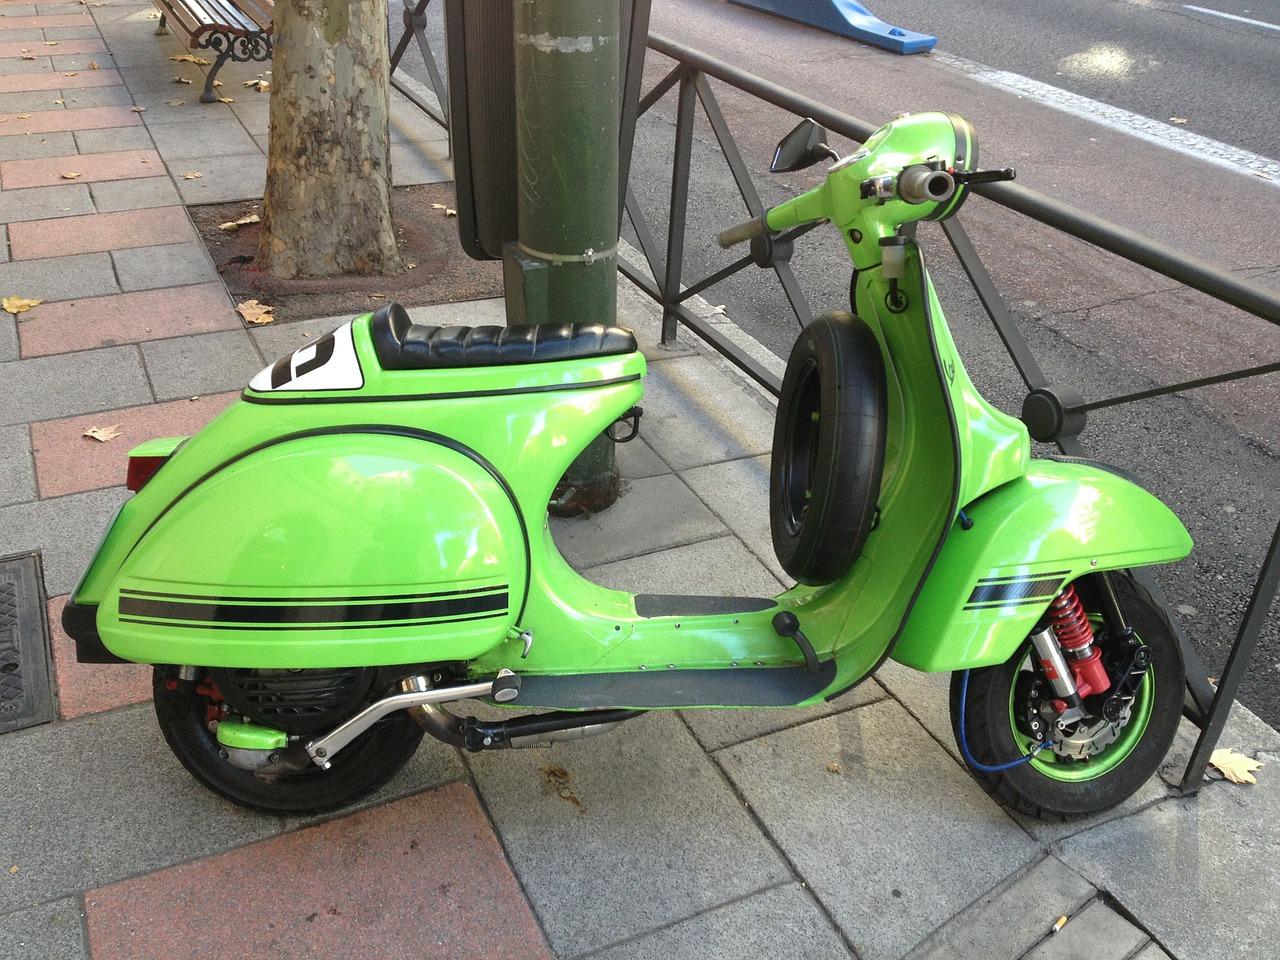 siege et selle de scooter